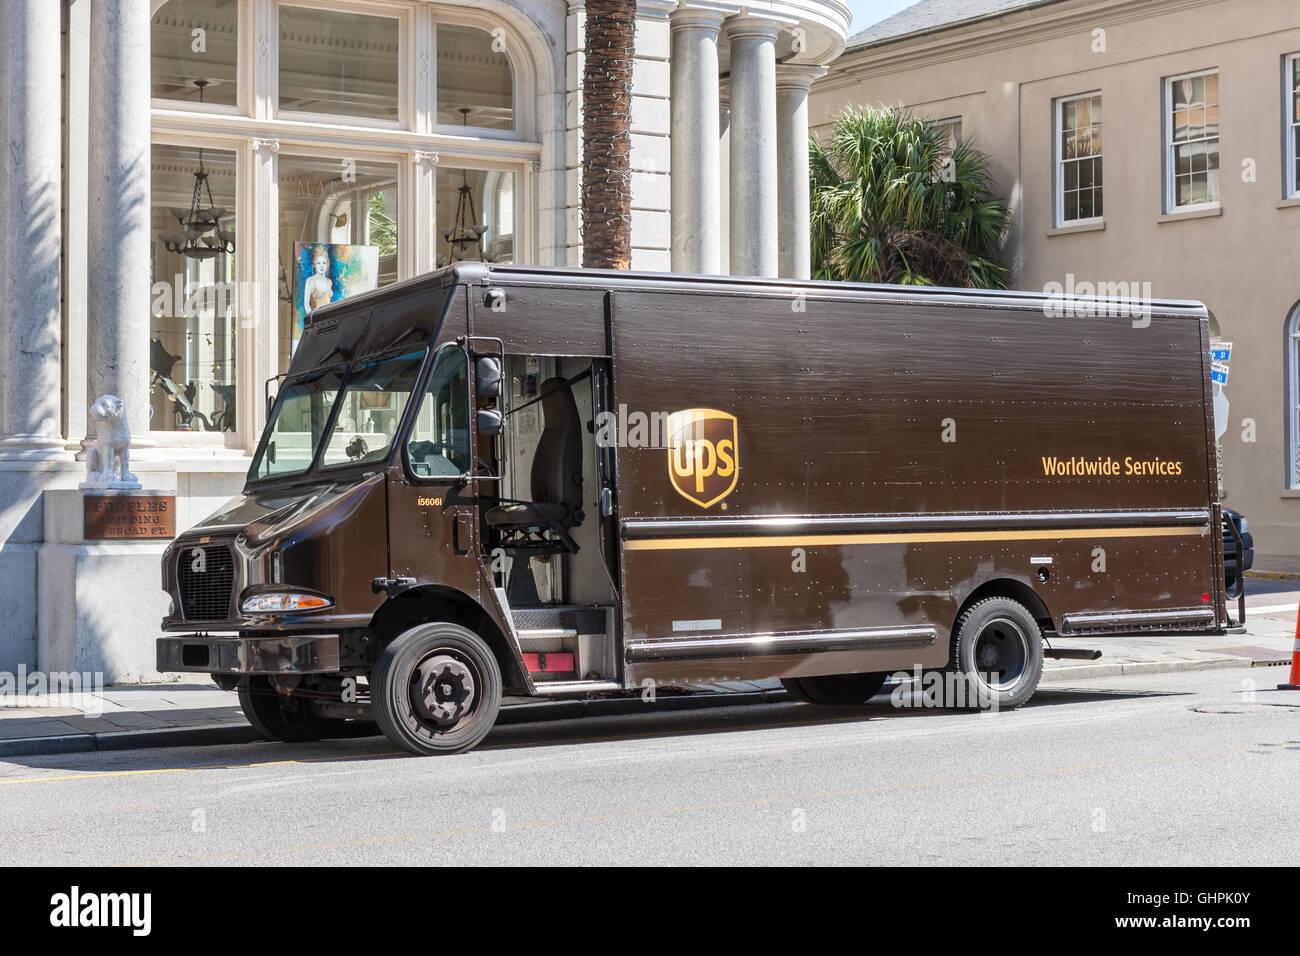 Un onduleur chariot prend une livraison locale à Charleston, Caroline du Sud. Photo Stock